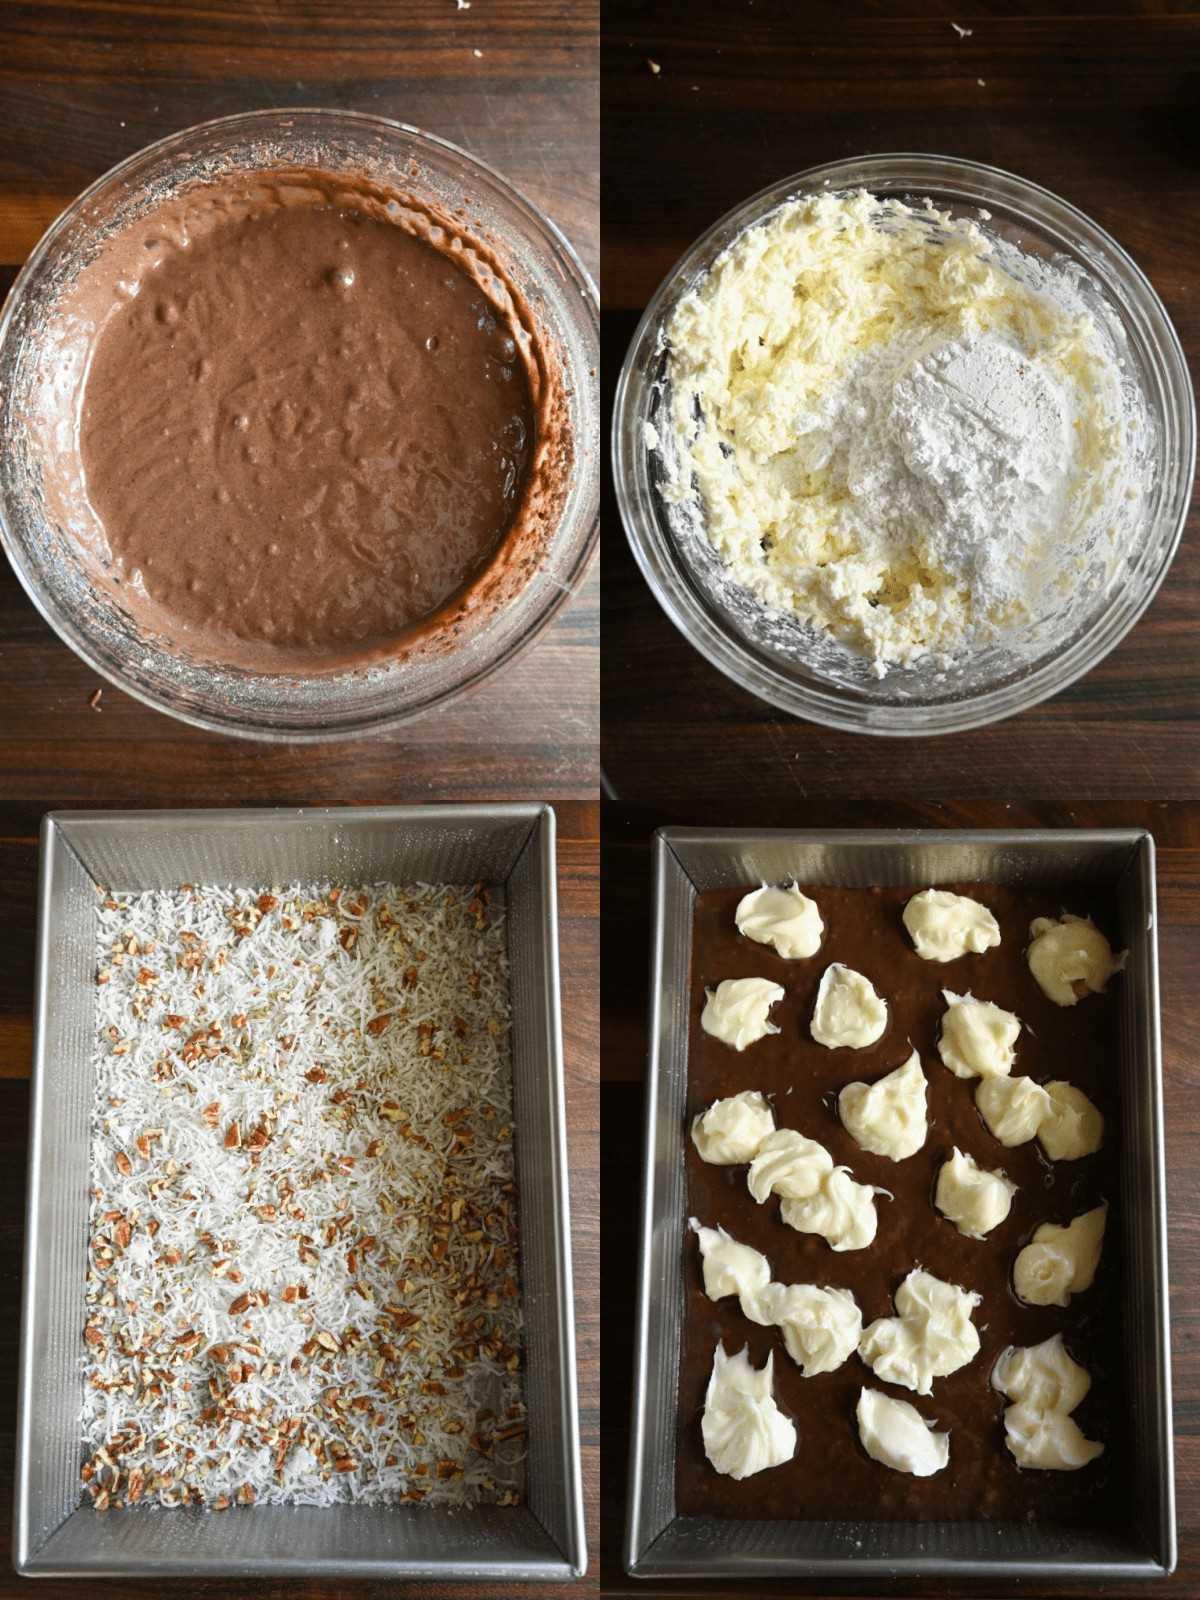 Cuatro fotos de proceso.  Primero uno, masa de pastel, todo mezclado en un tazón.  En segundo lugar, glaseado de queso crema, todo mezclado en un tazón.  En tercer lugar, el coco y las nueces se untan en una bandeja para hornear.  En cuarto lugar, se vierte la masa del pastel en la sartén y el glaseado de queso crema se esparce en gotas por todo el pastel.